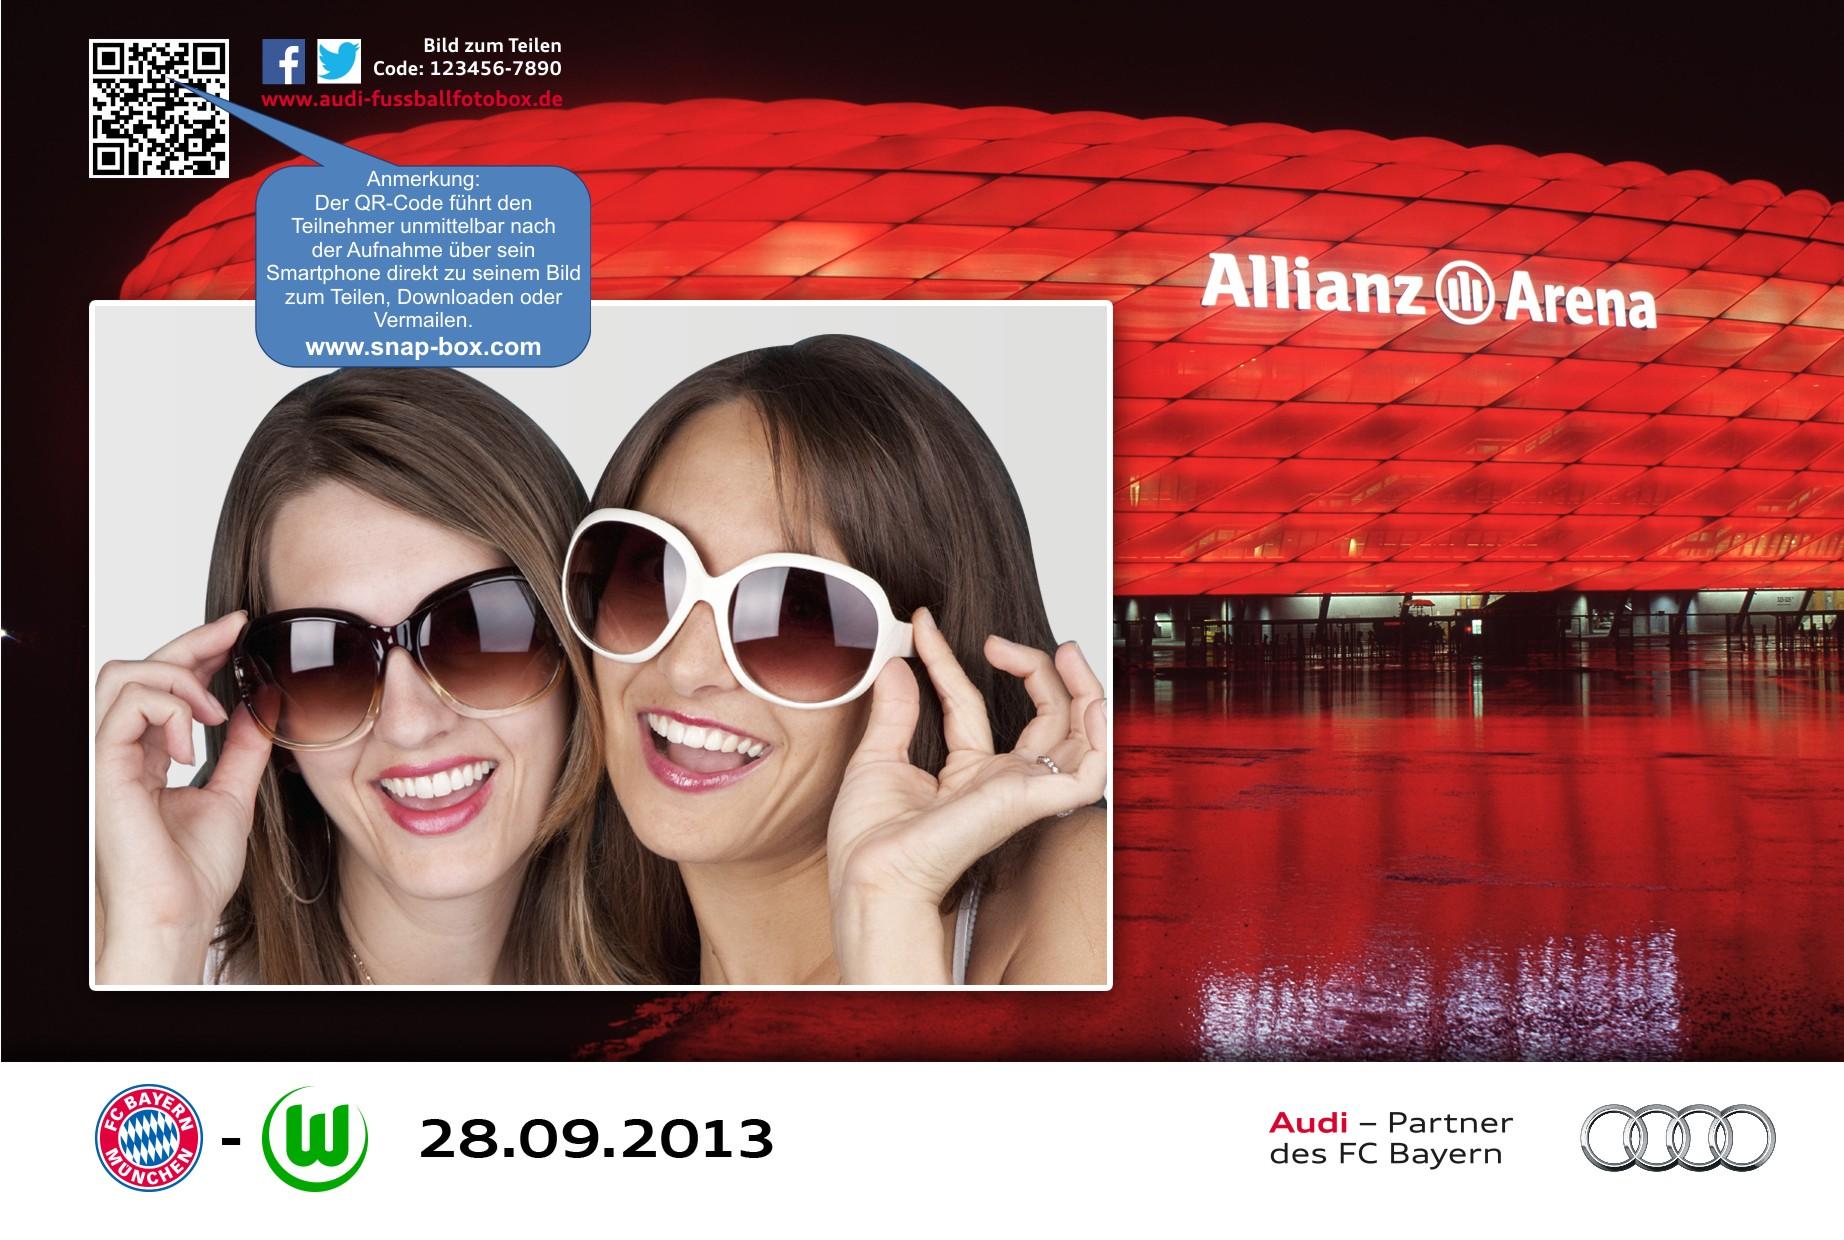 Audi Photobooth in der Allianz Arena